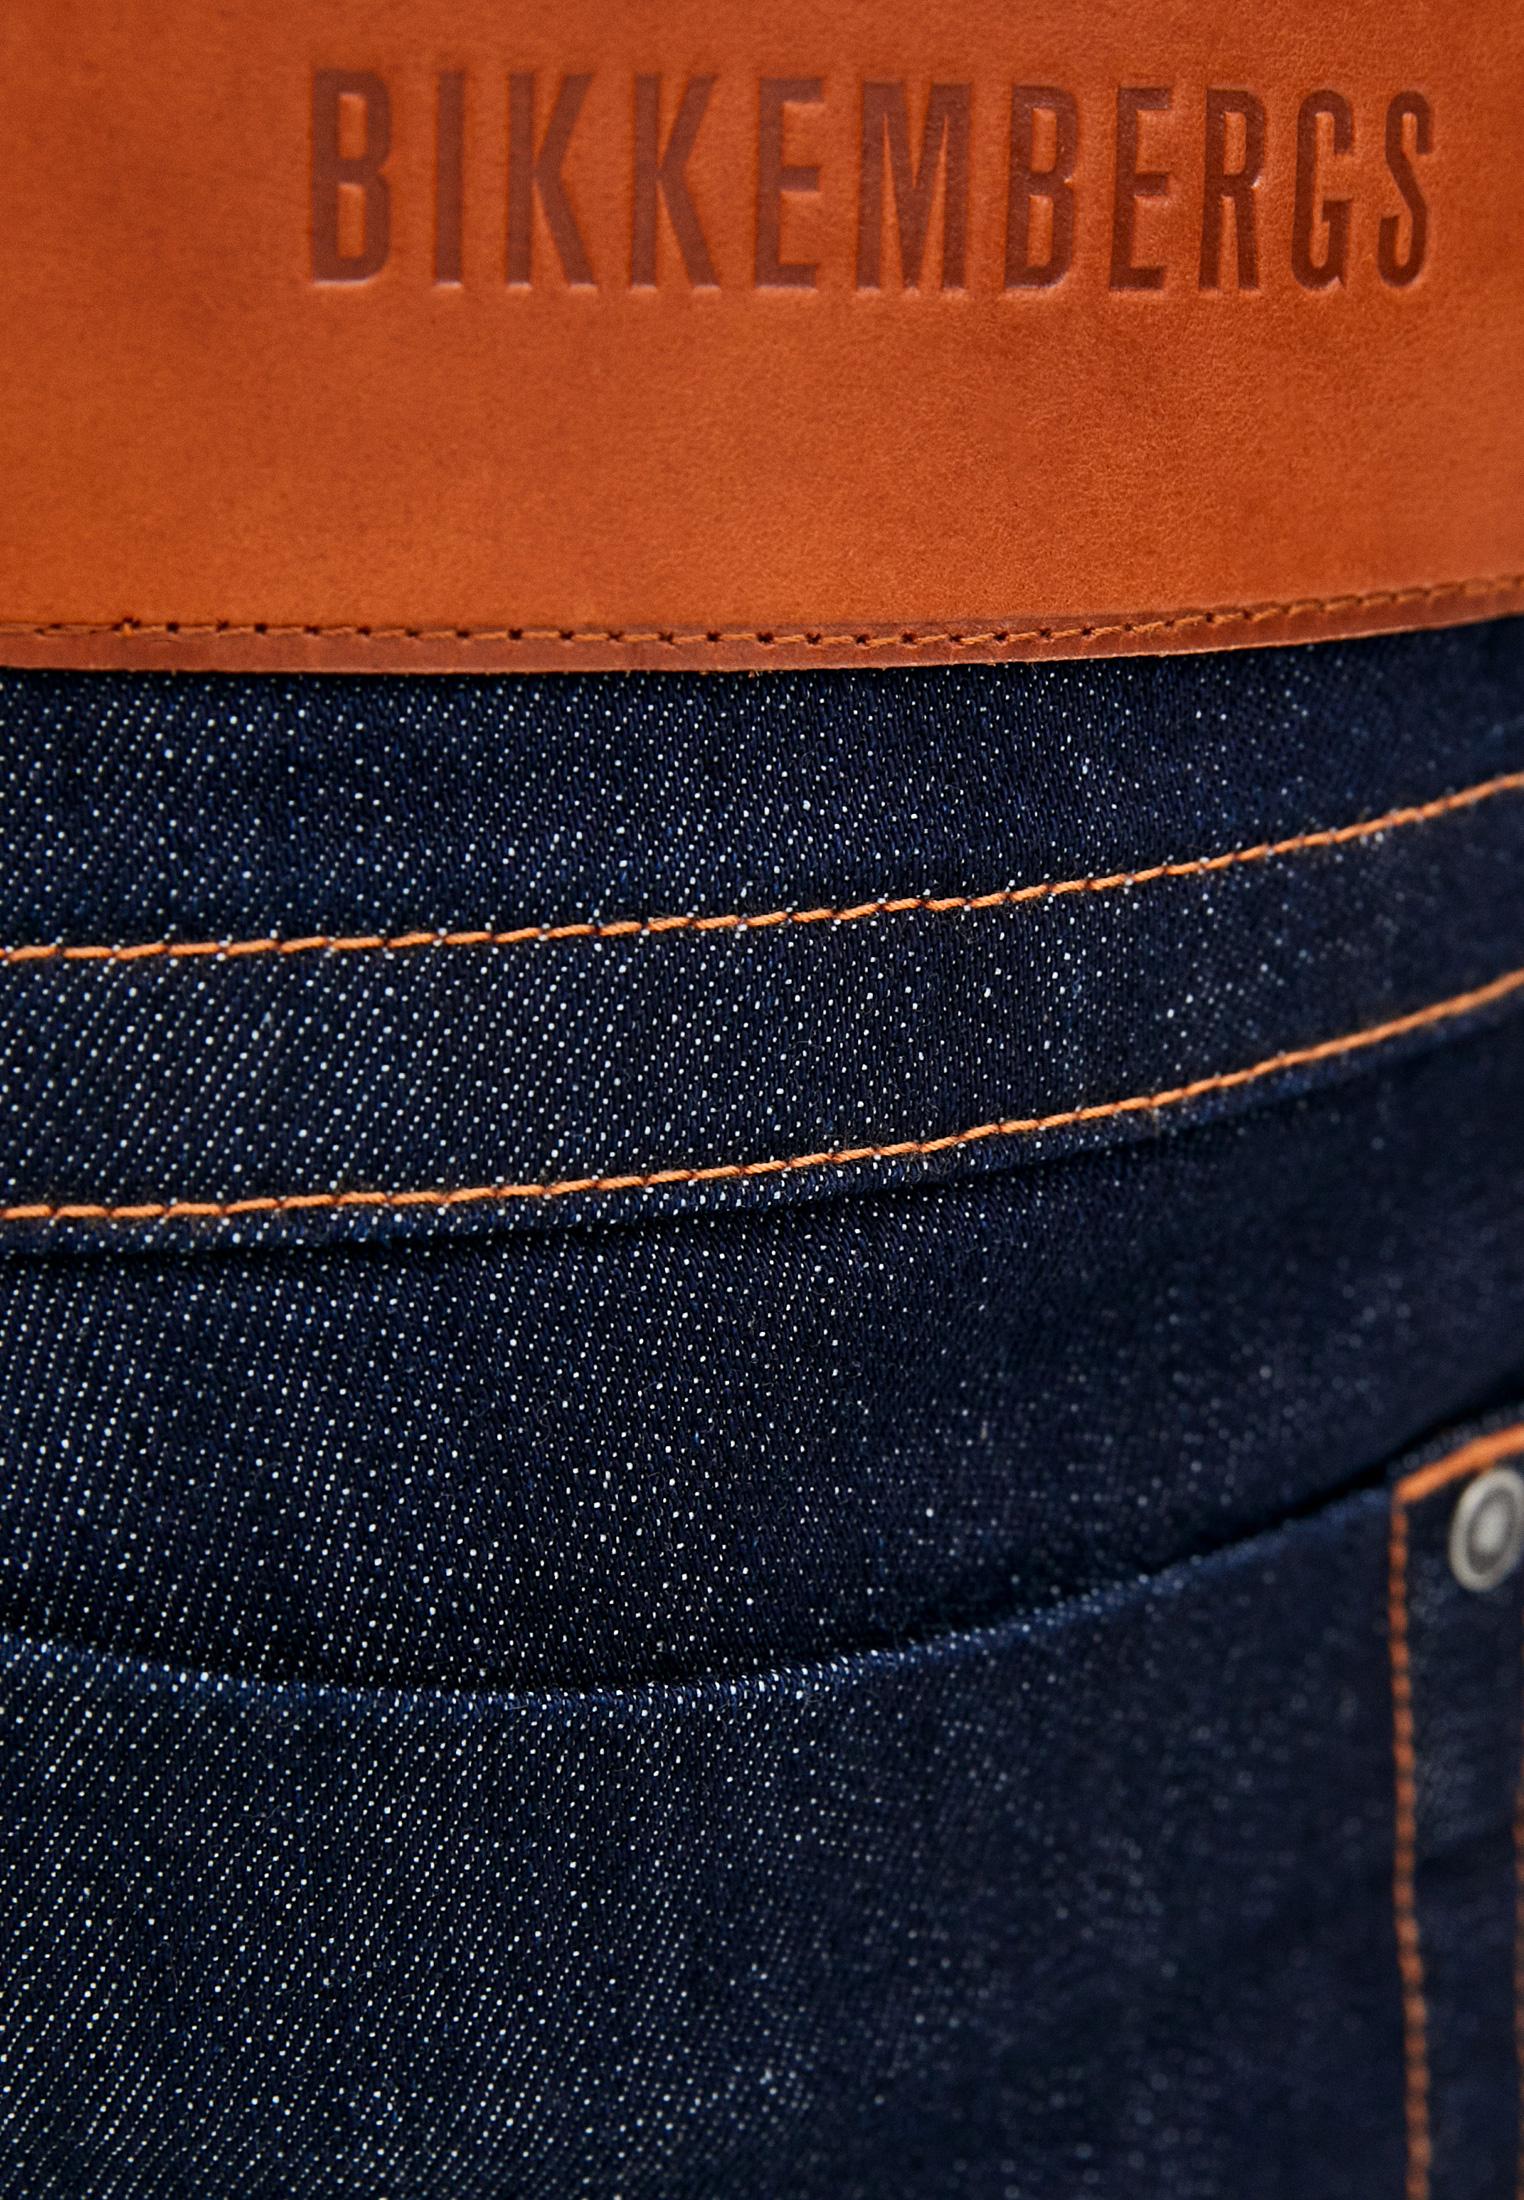 Зауженные джинсы Bikkembergs C Q 101 03 S 3393: изображение 5